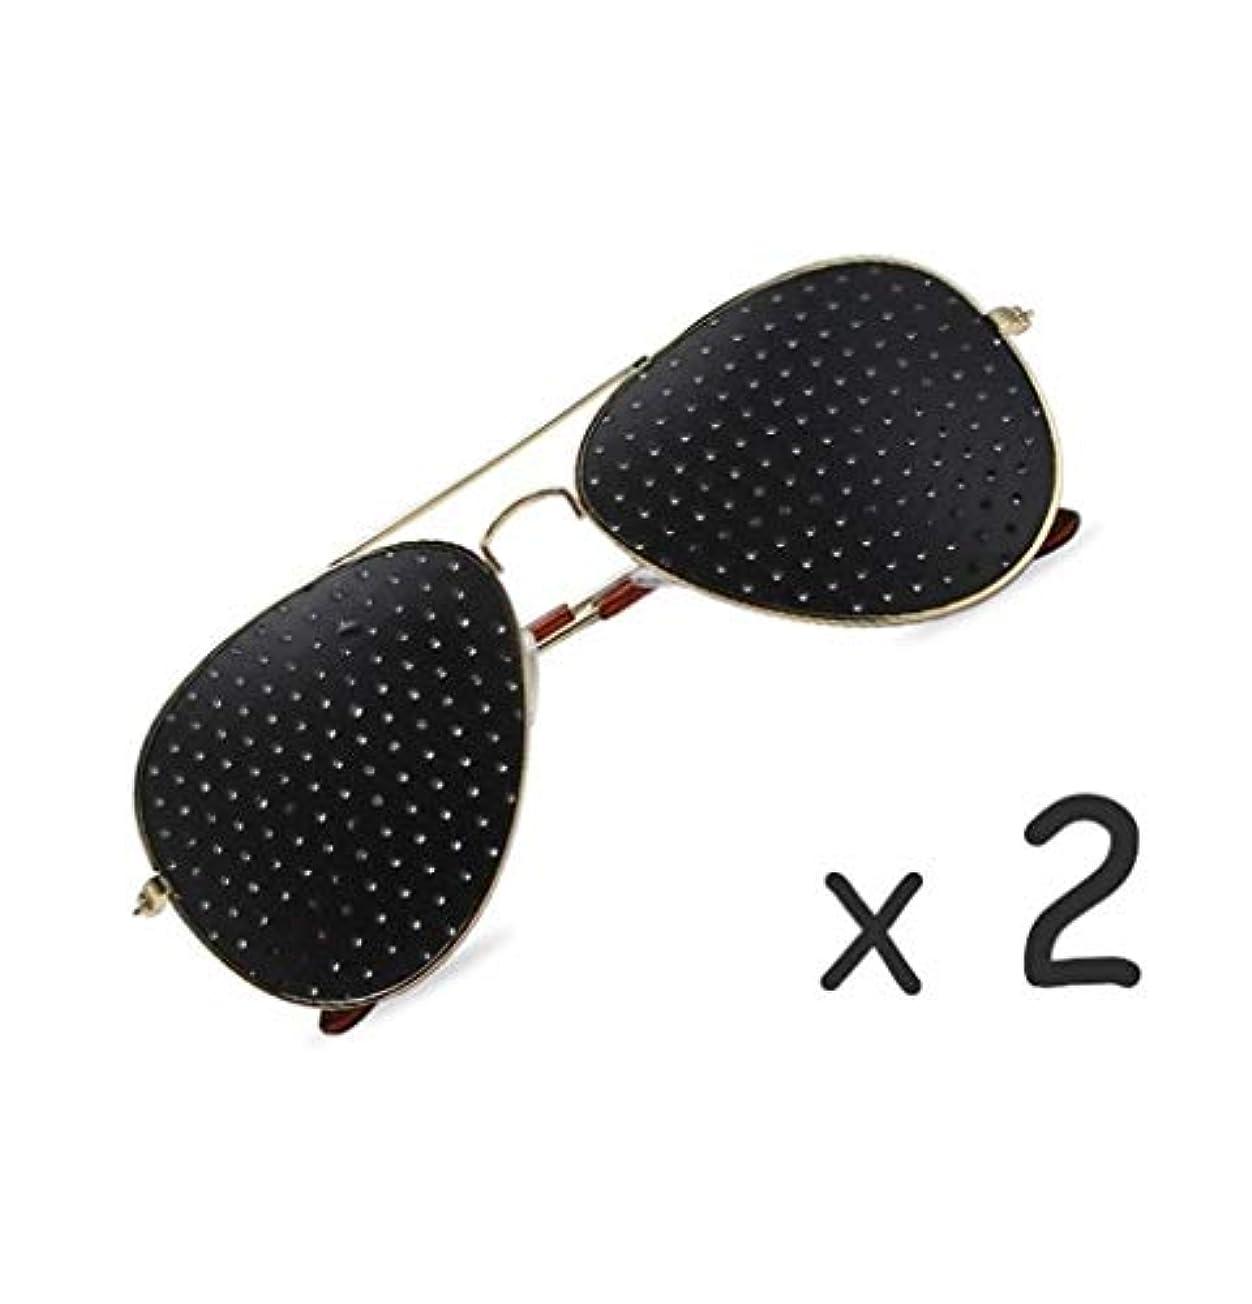 空港スキル財団ピンホールメガネ、アイズエクササイズアイサイトビジョンメガネの改善ビジョンケアメガネ近視の防止メガネの改善